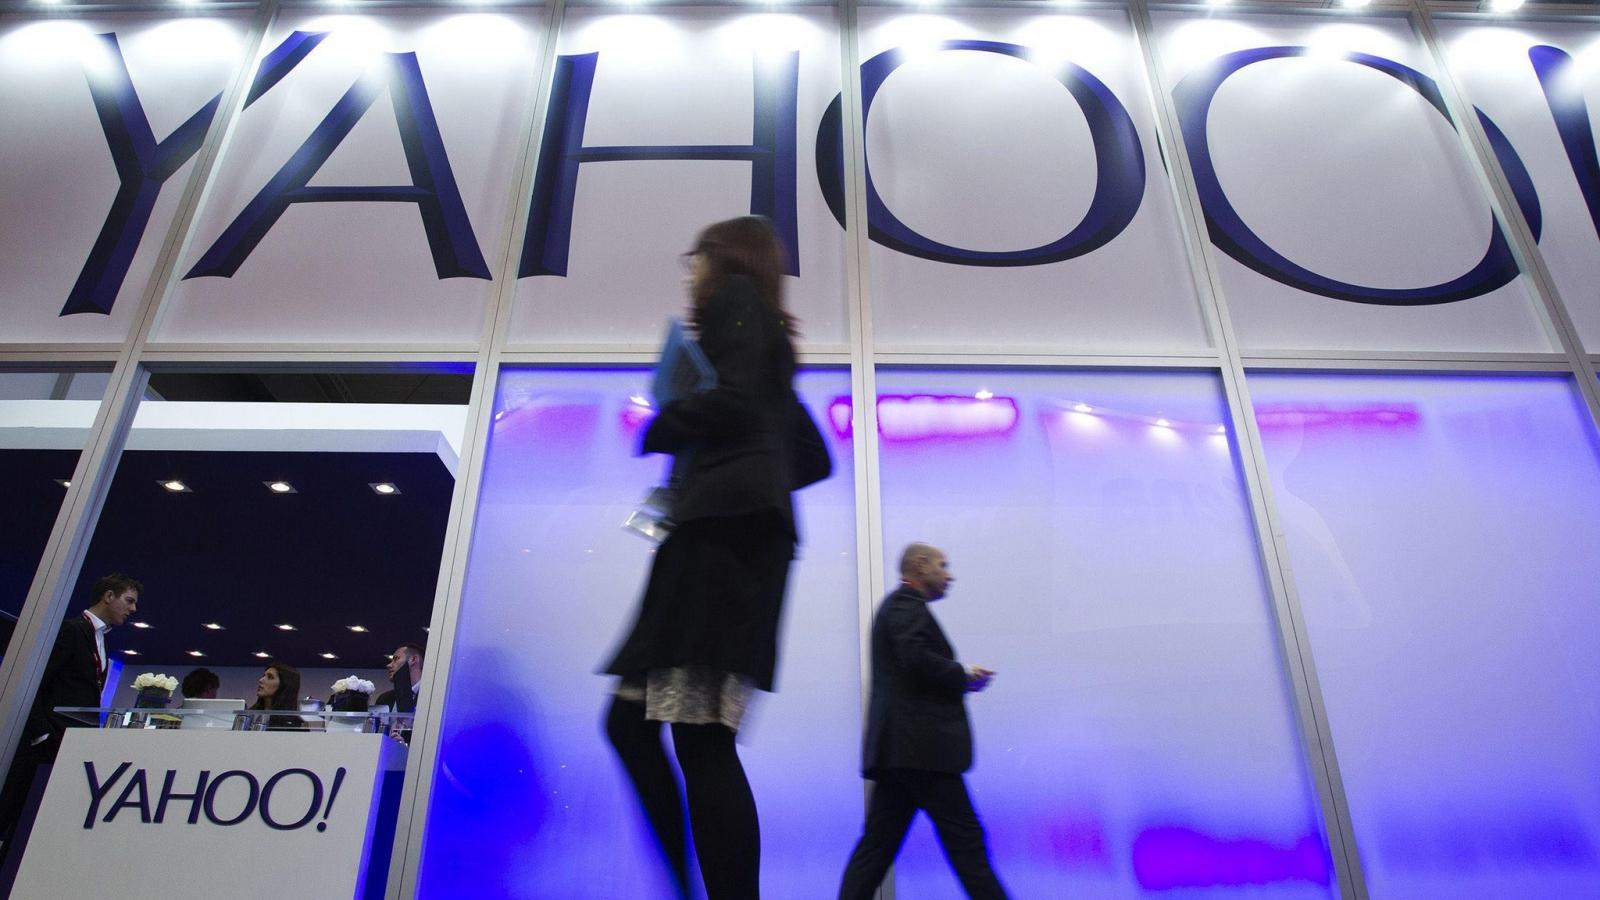 Verizon muốn 'chia tay' Yahoo vì kinh doanh không hiệu quả